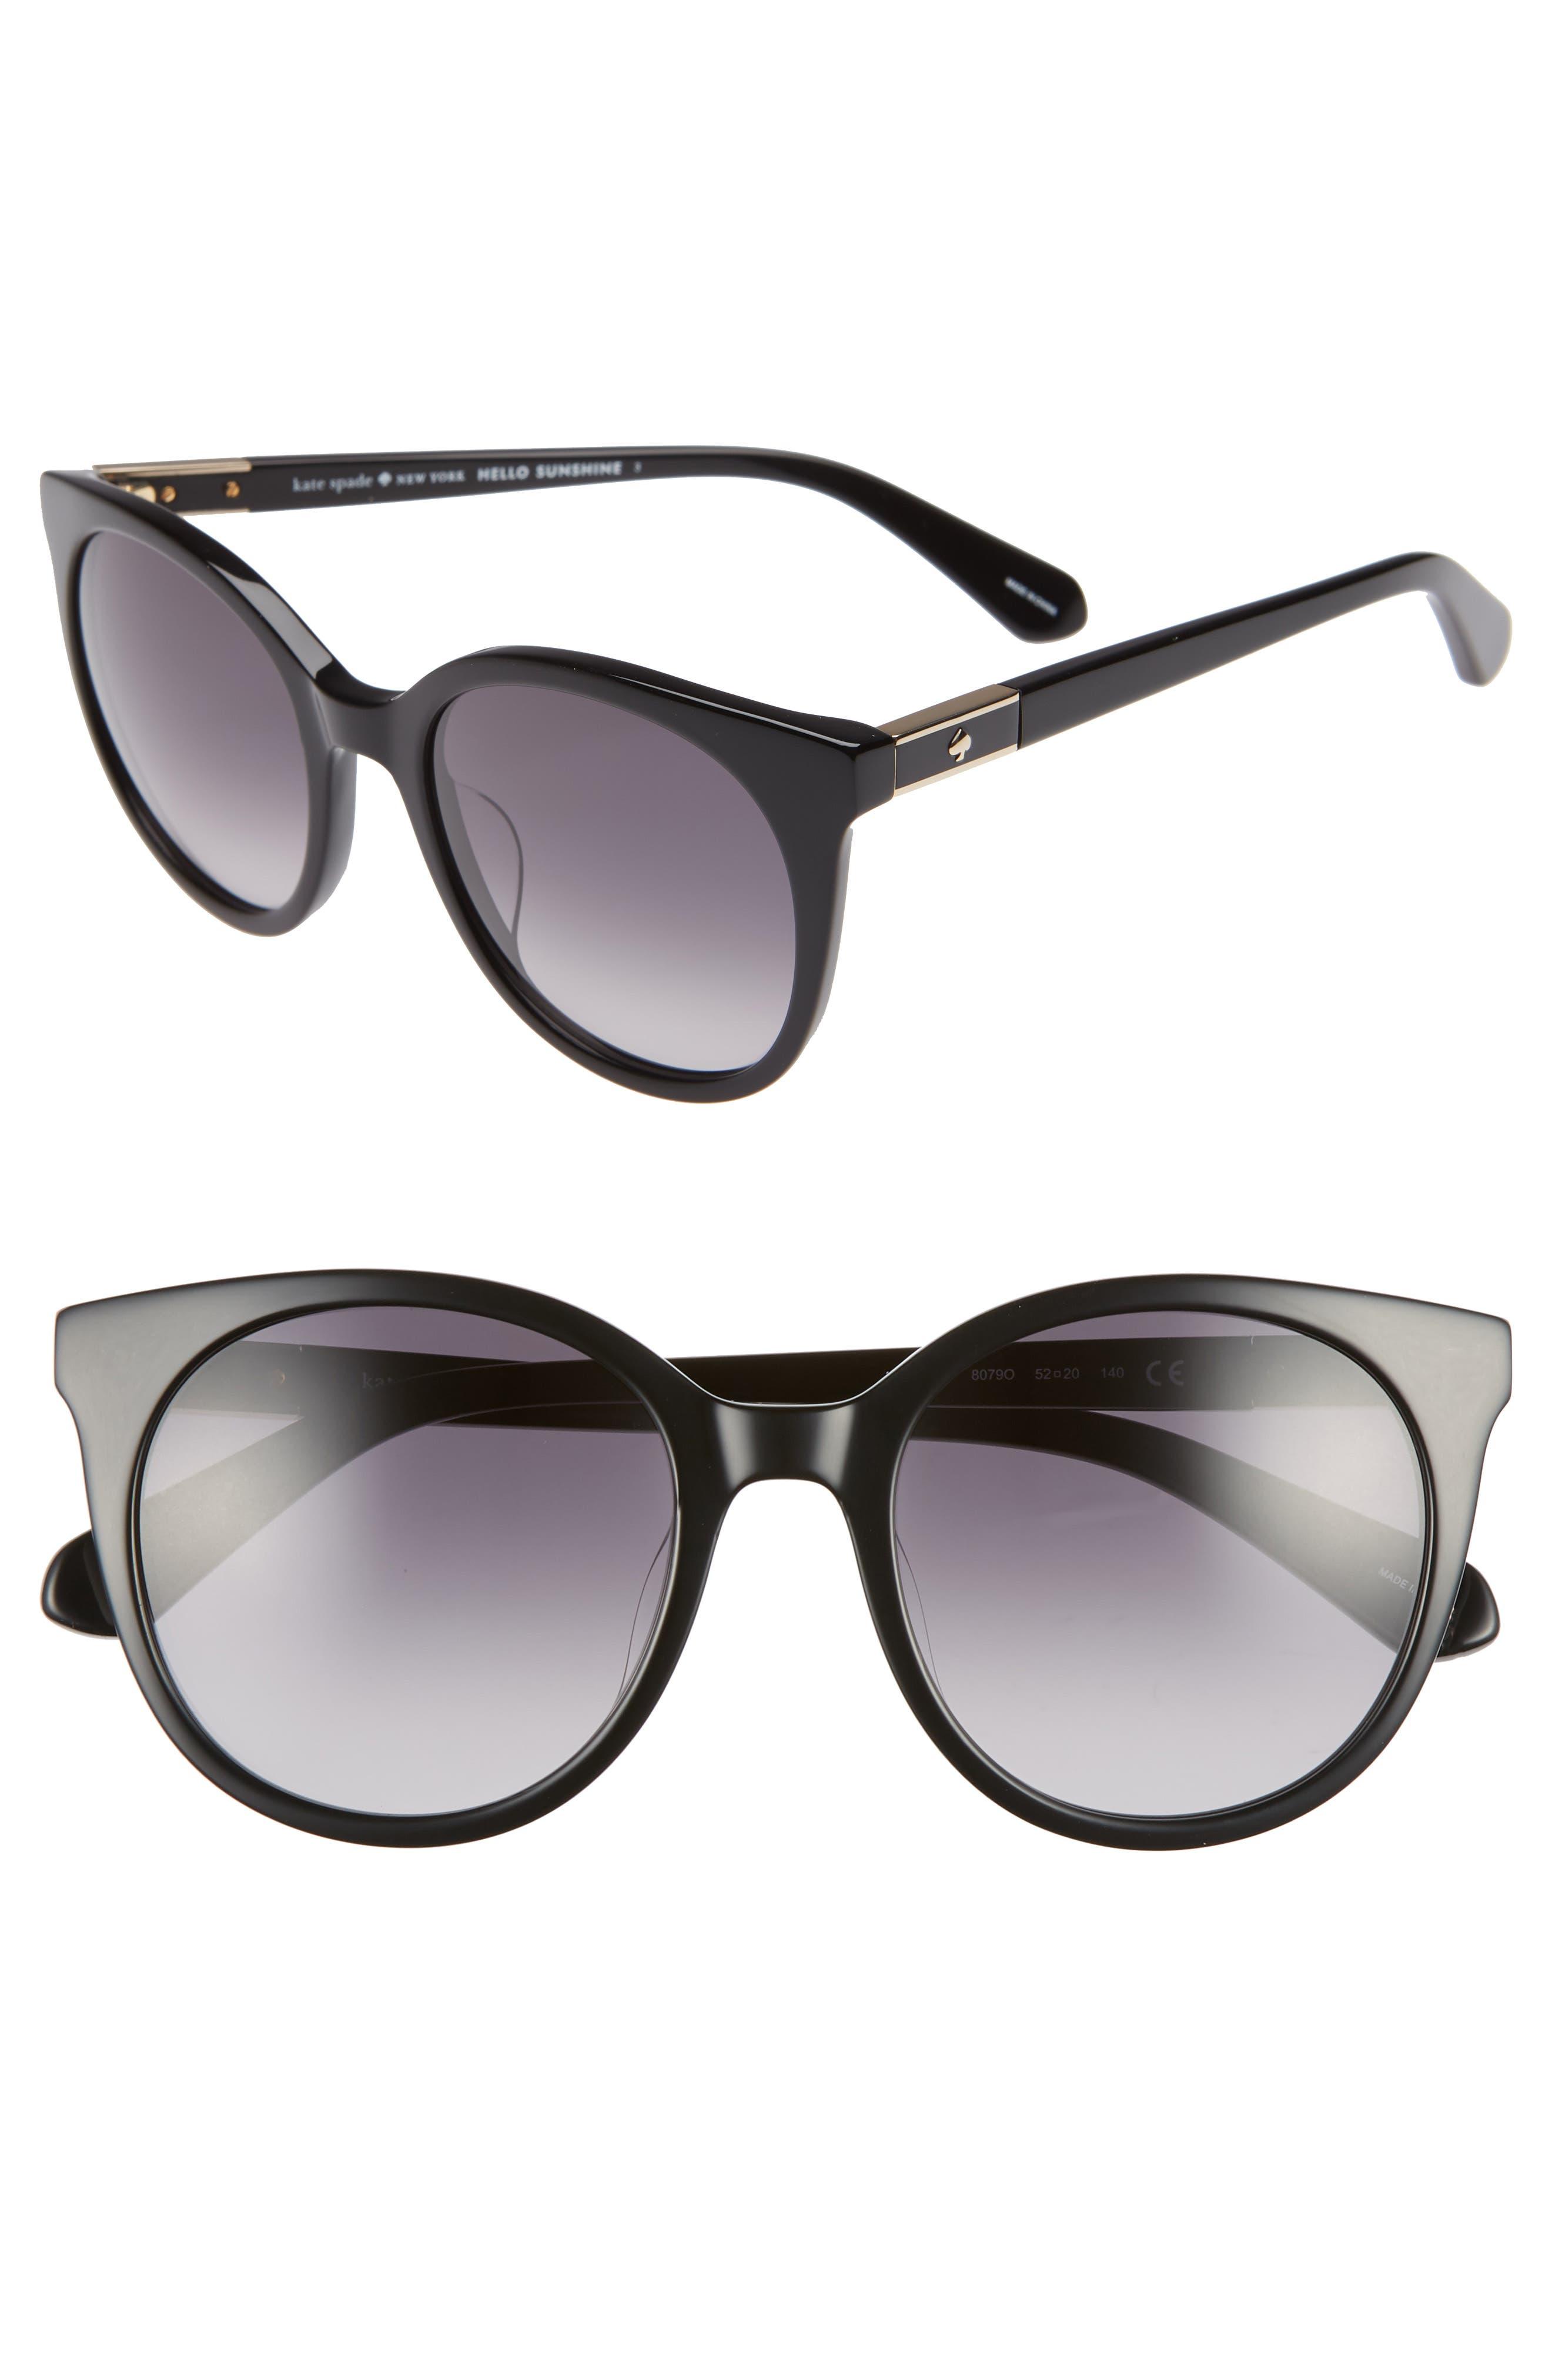 Akayla 52Mm Cat Eye Sunglasses - Black